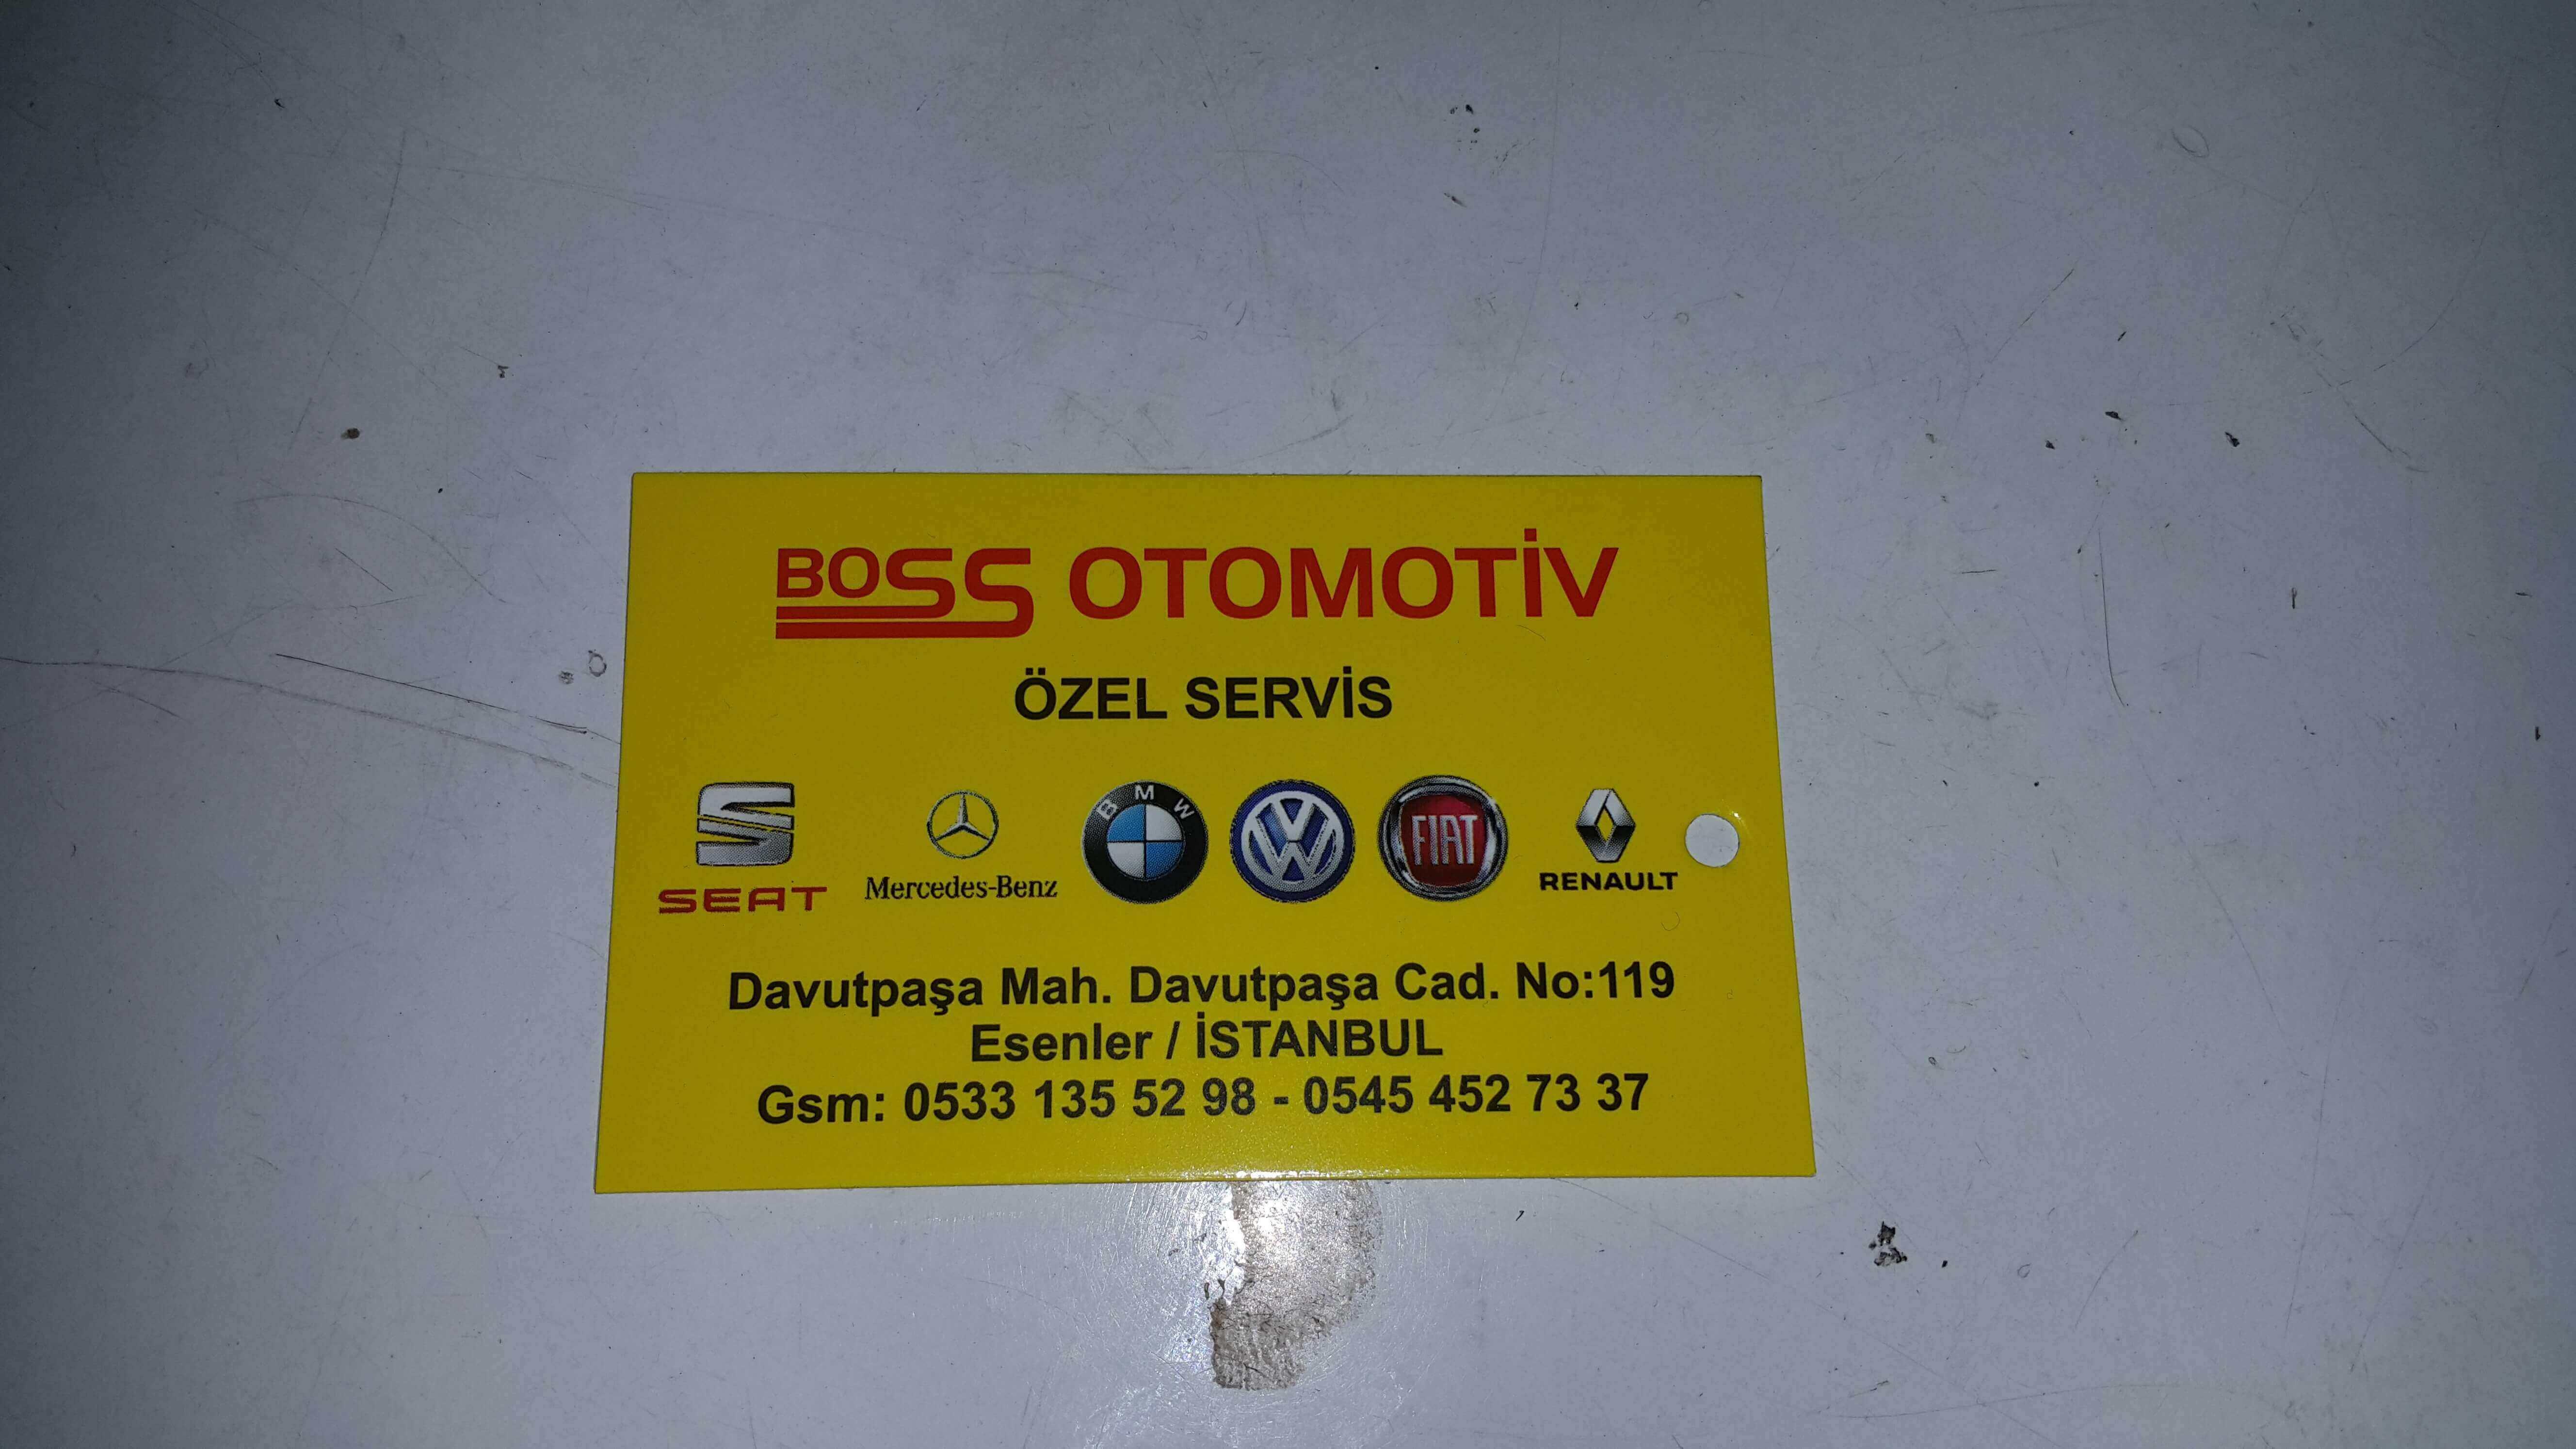 Boss Otomotiv